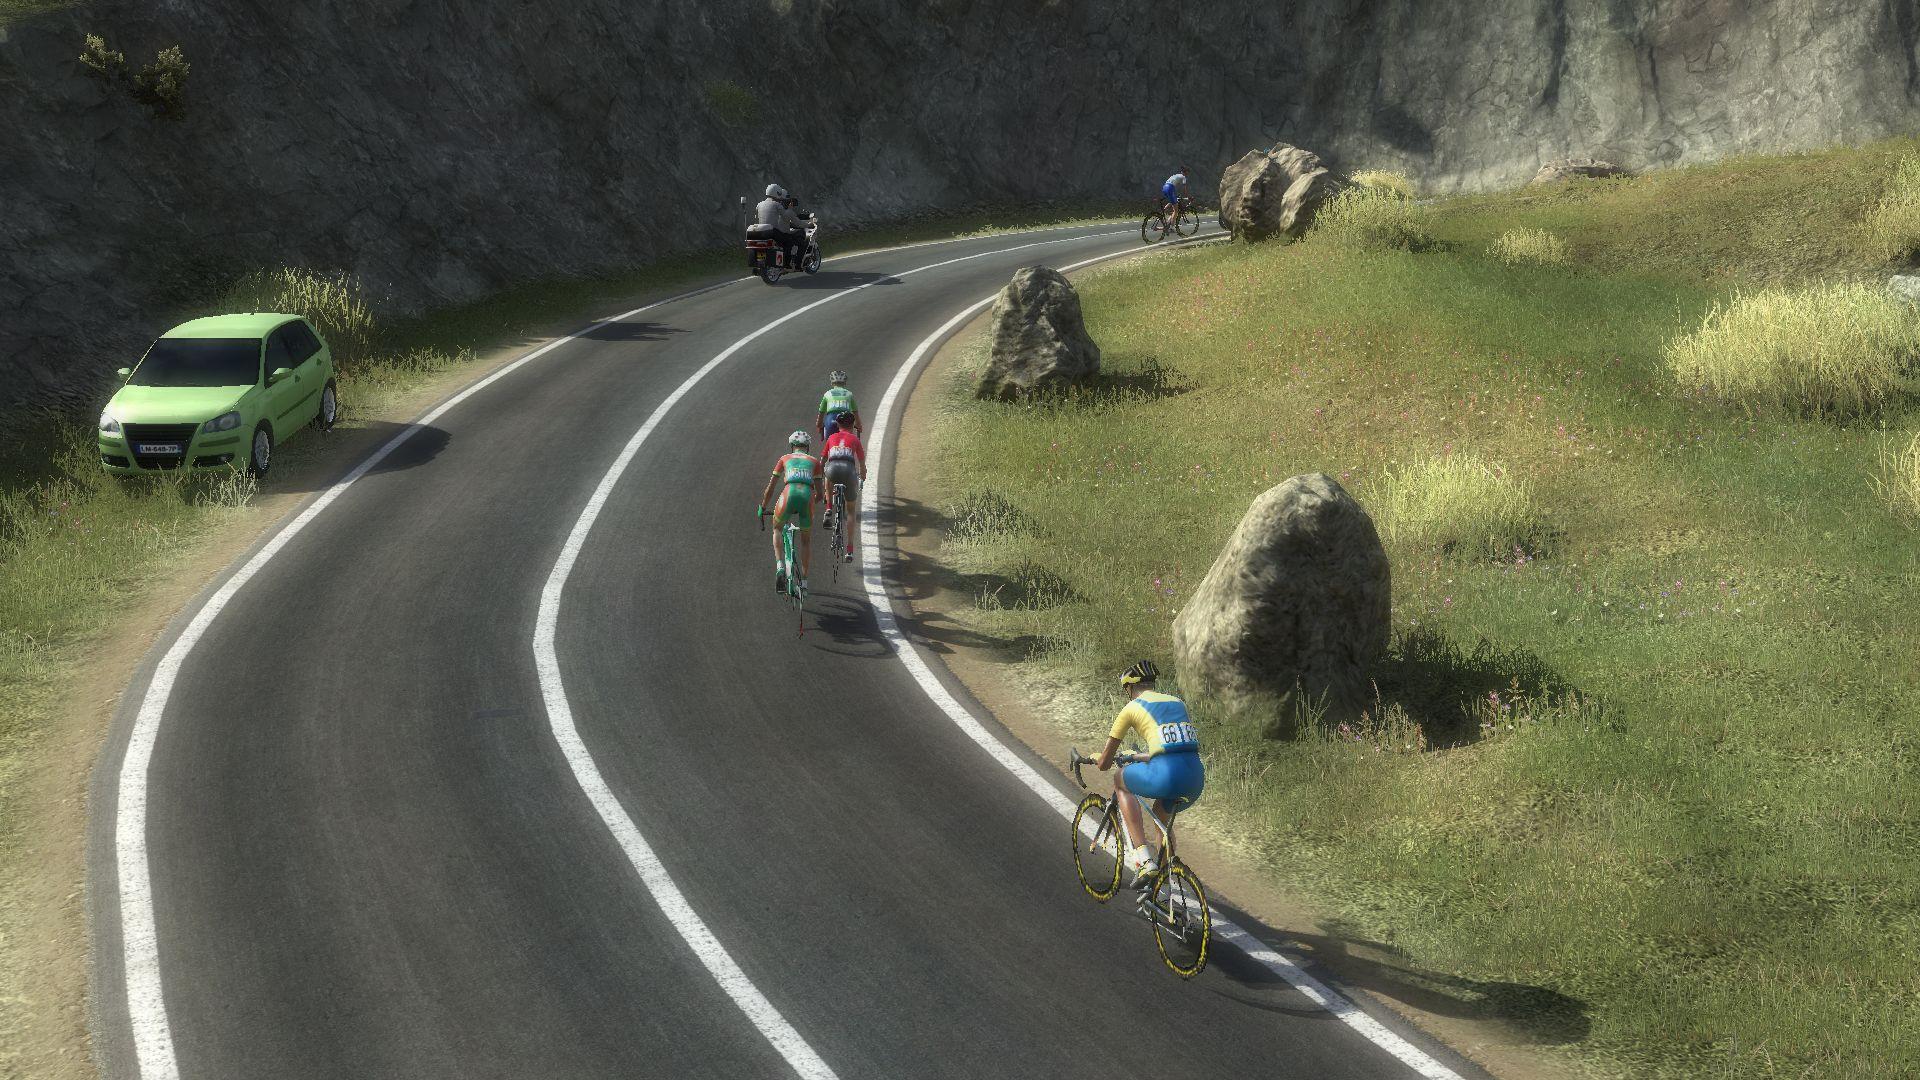 pcmdaily.com/images/mg/2020/Reports/C1/Andorra/TdAS5%2021.jpg